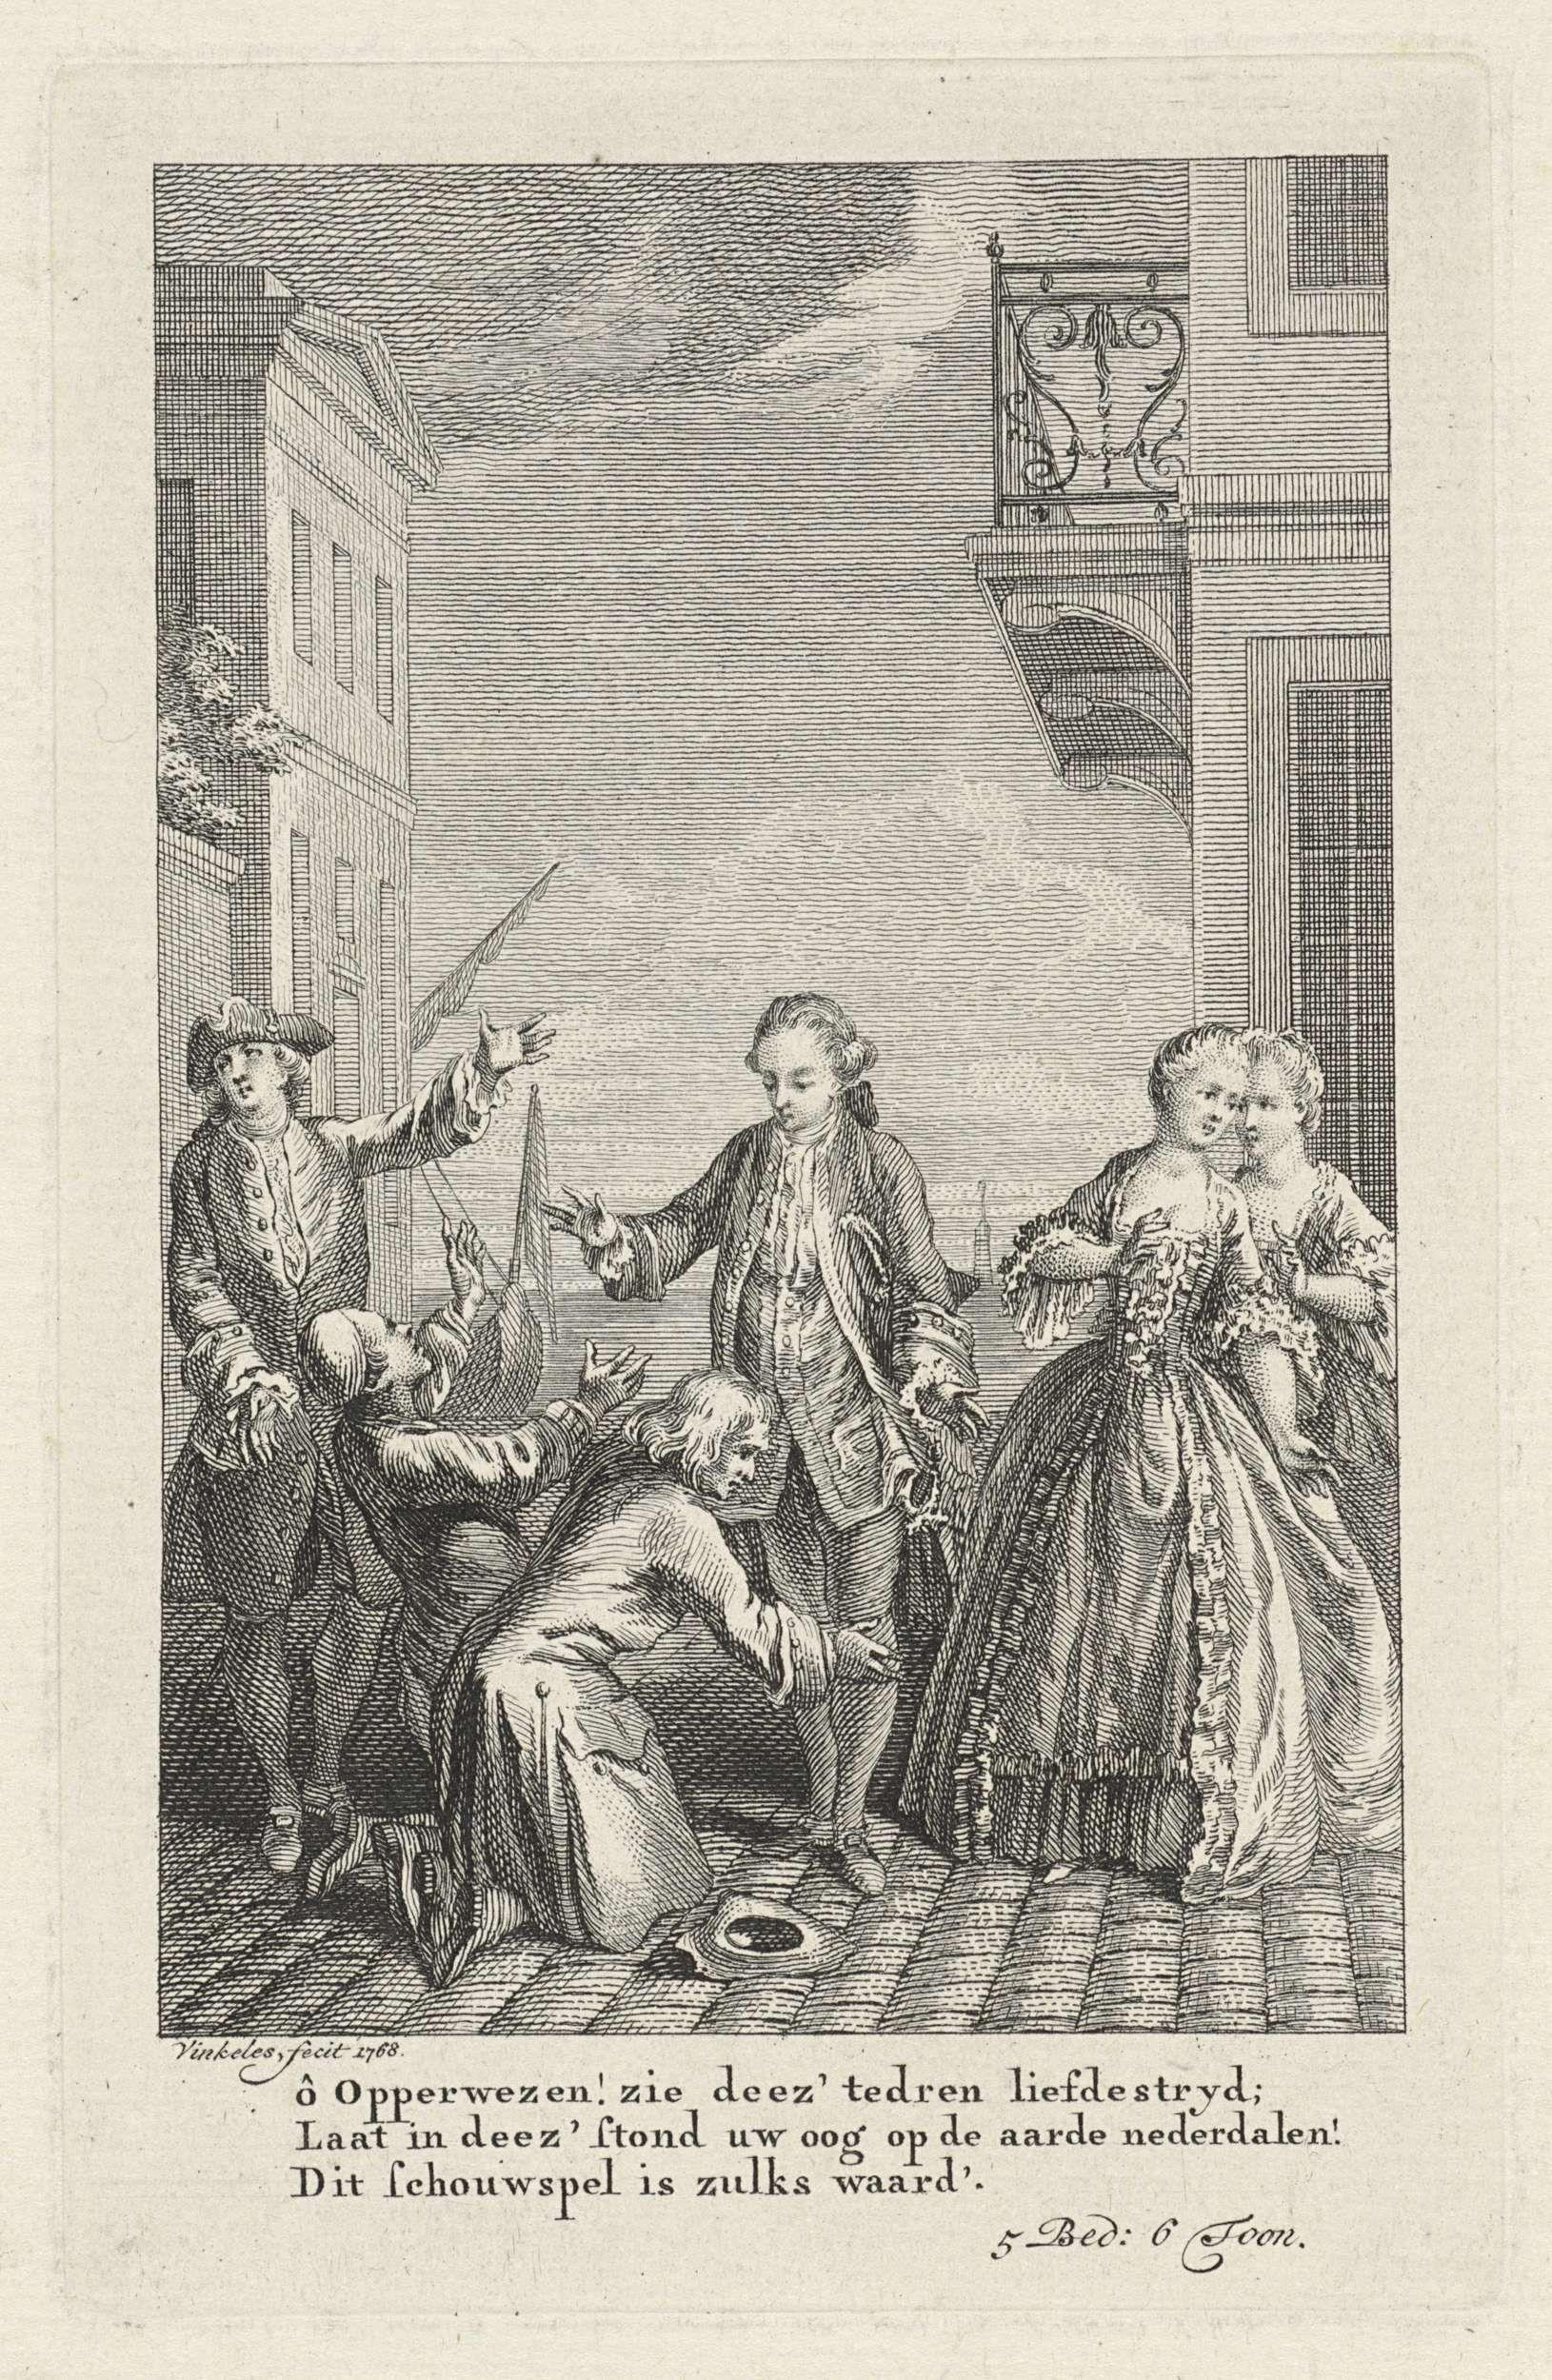 Reinier Vinkeles | Twee geknielde mannen op een kade, Reinier Vinkeles, 1768 |